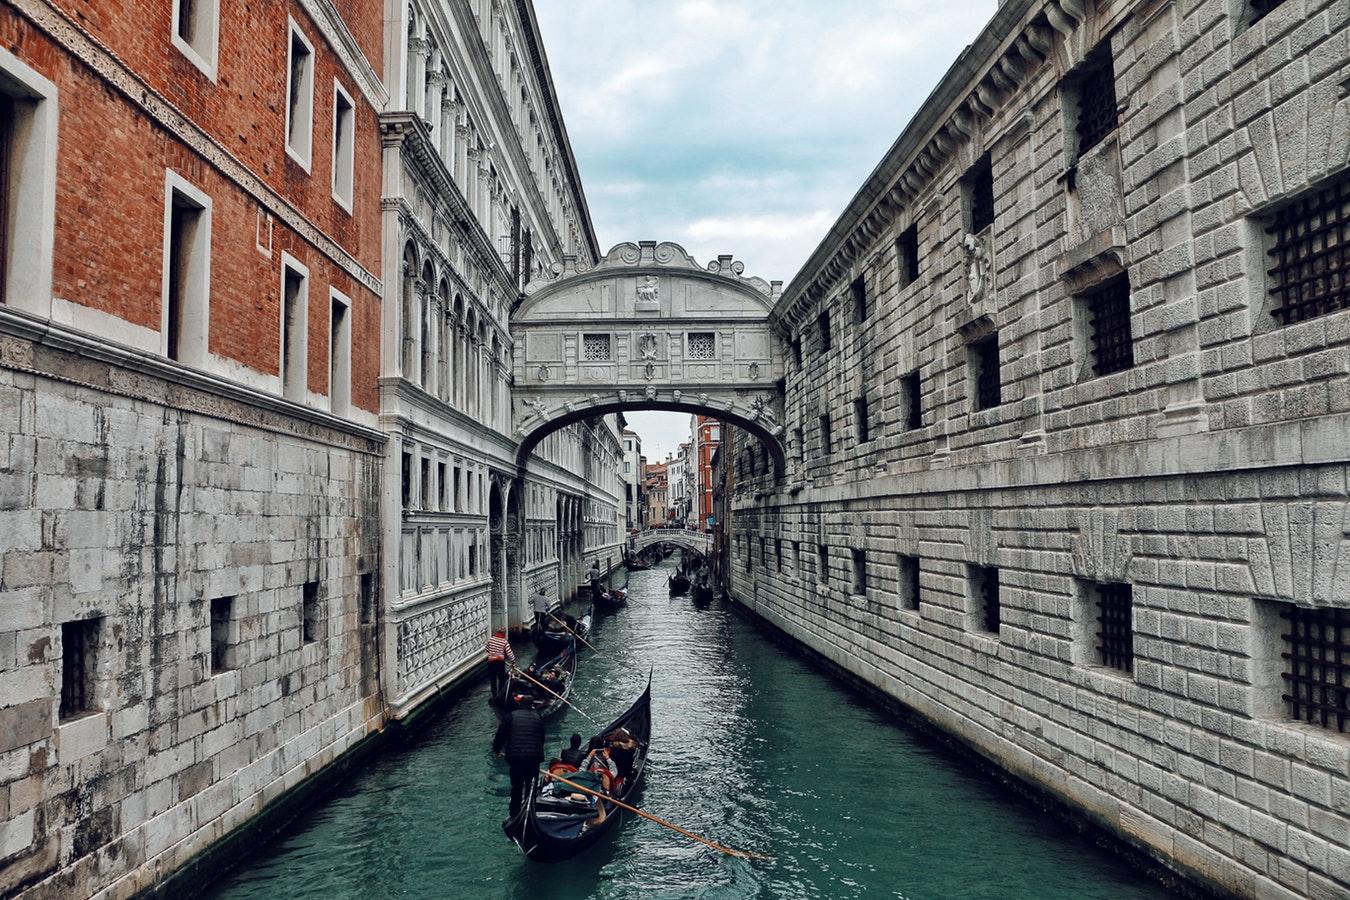 3 jours / 2 nuits à l'hôtel Plaza 4* Smart proche de Venise (petit-déjeuner) au départ de plusieurs villes à partir de 87.32€ / personne